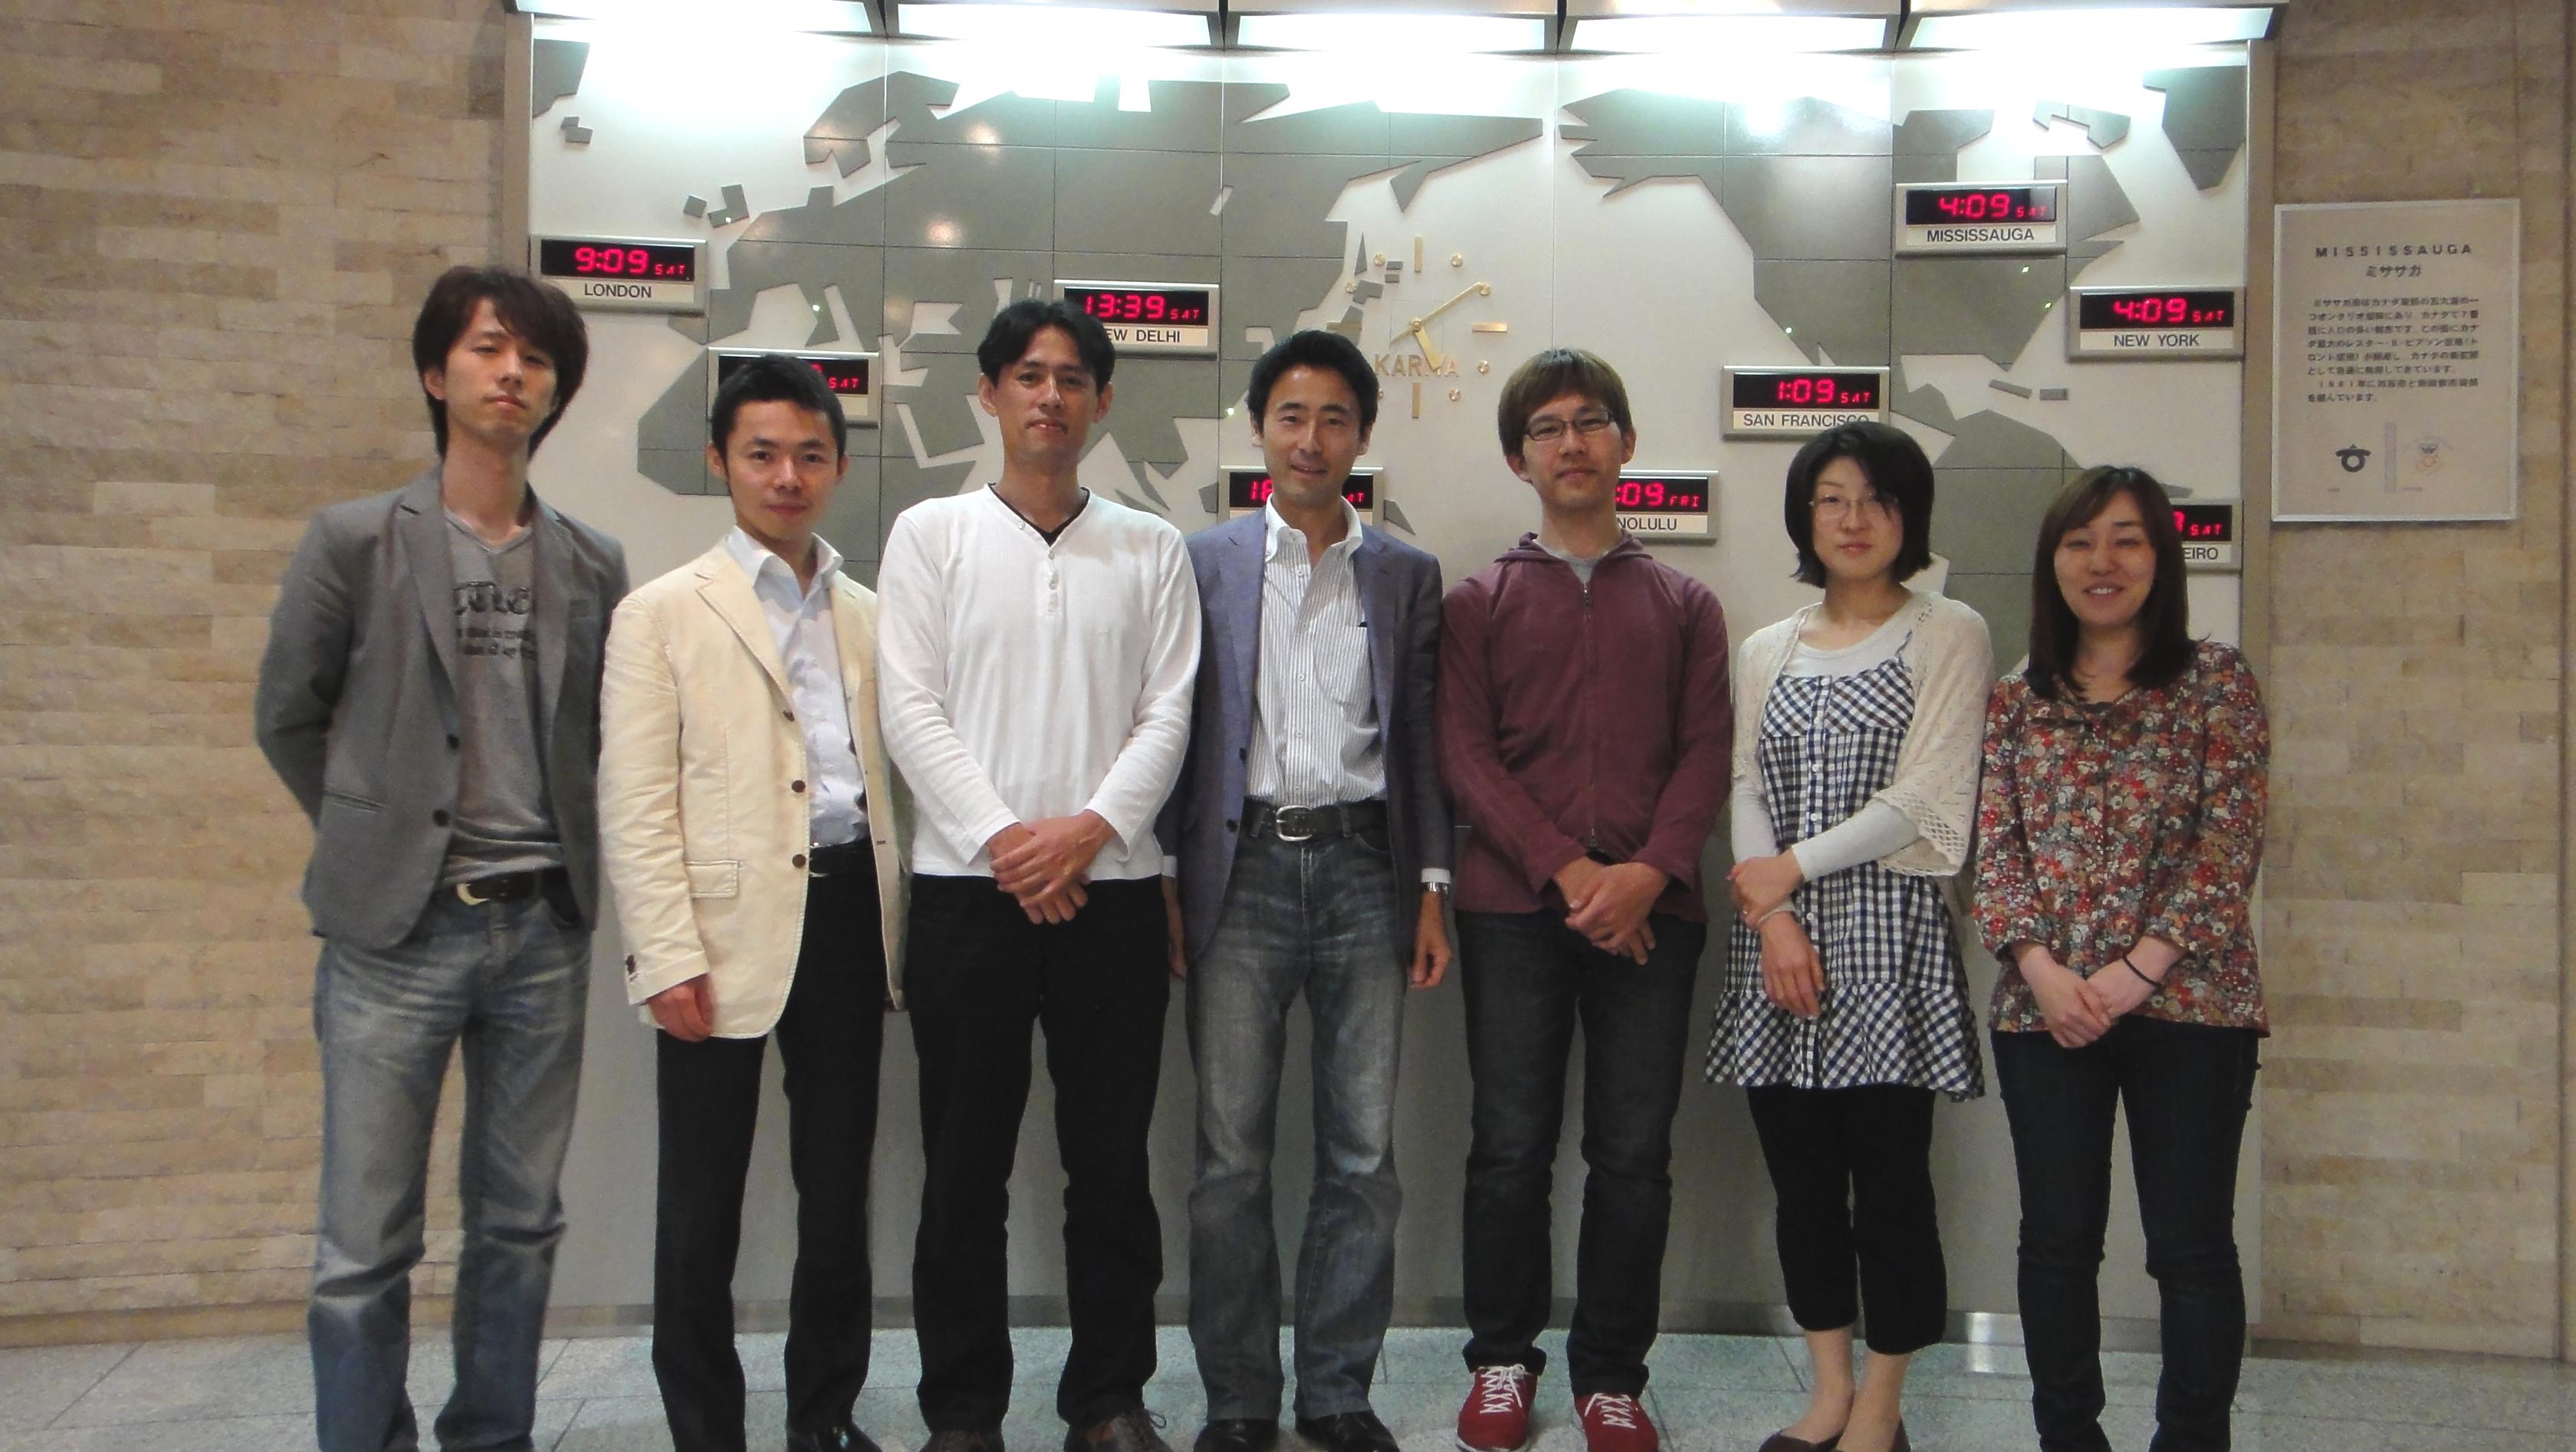 理想のライフスタイルを考えるセミナーを刈谷にて初開催!